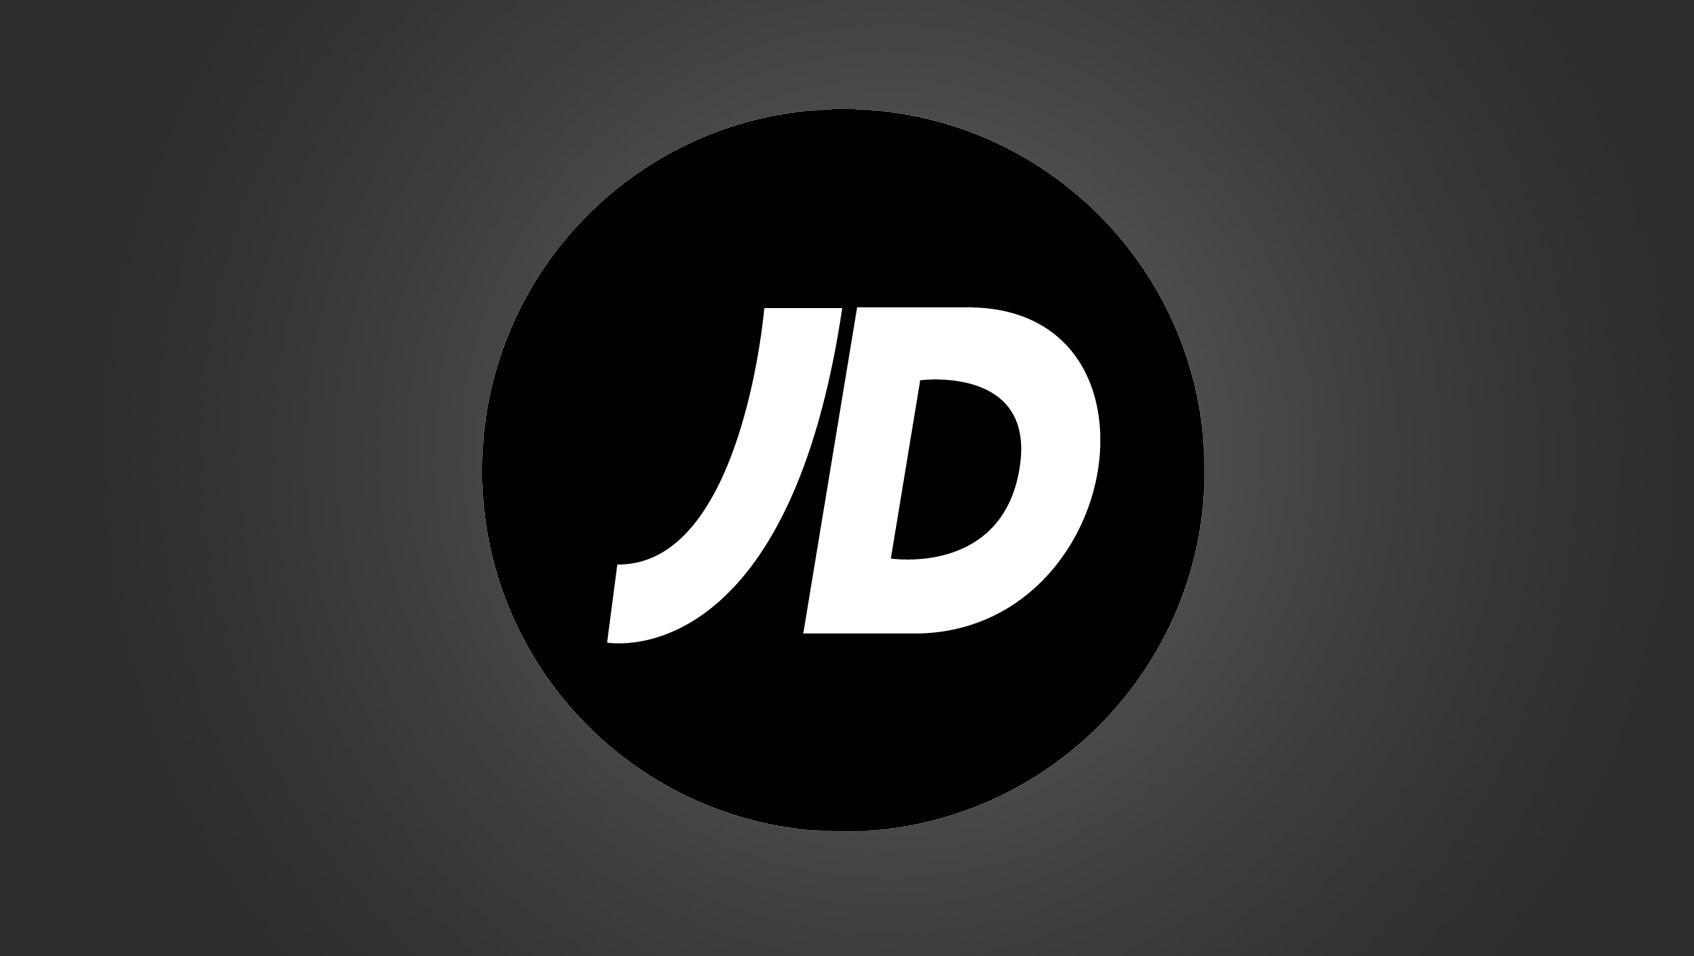 Jd. Com